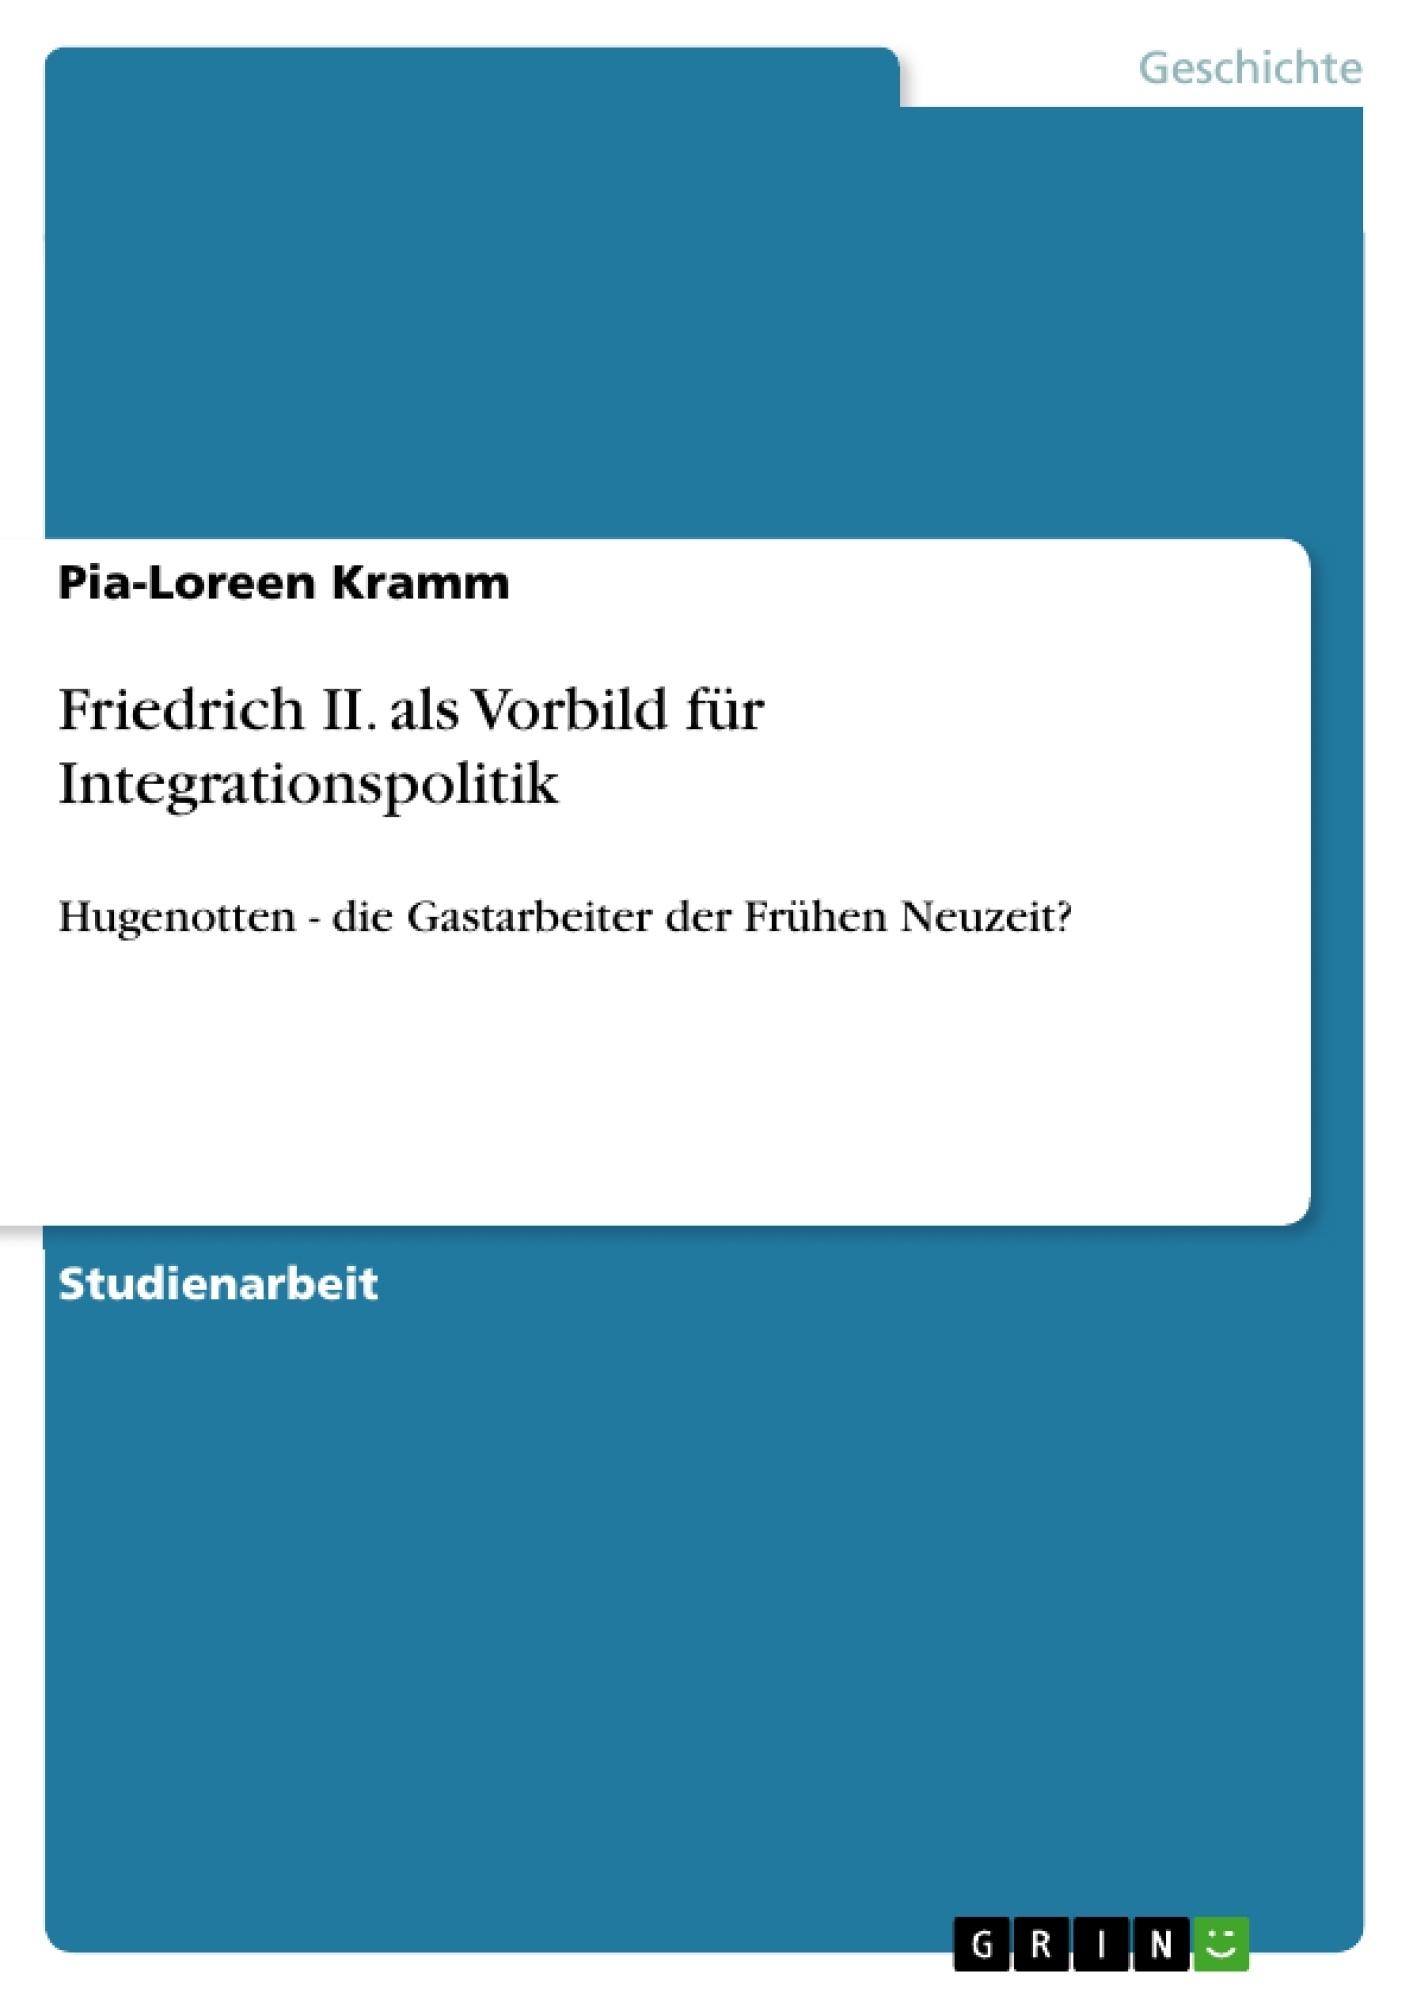 Titel: Friedrich II. als Vorbild für Integrationspolitik